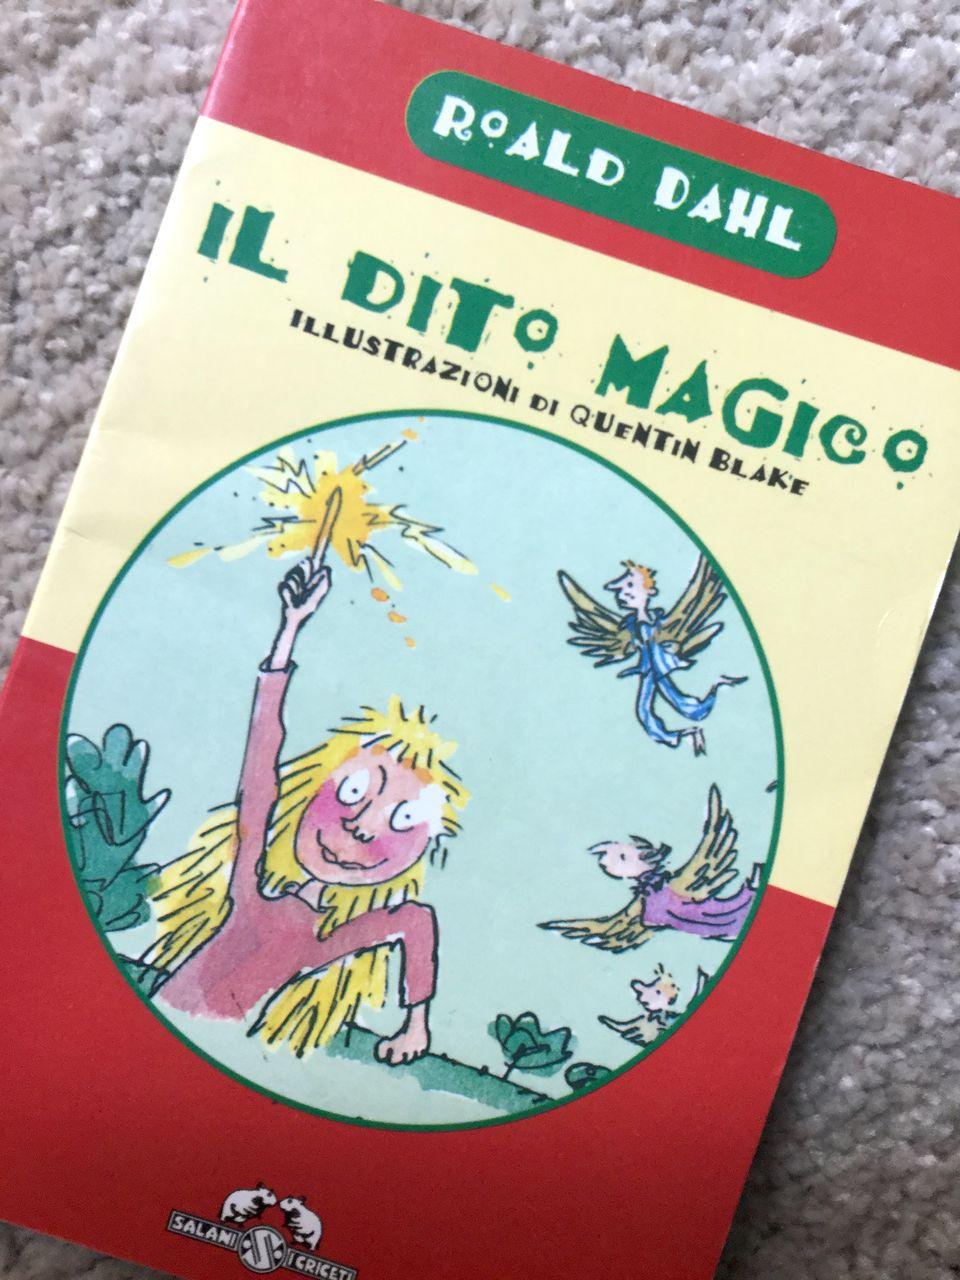 Roald Dahl, Il dito magico, Salani